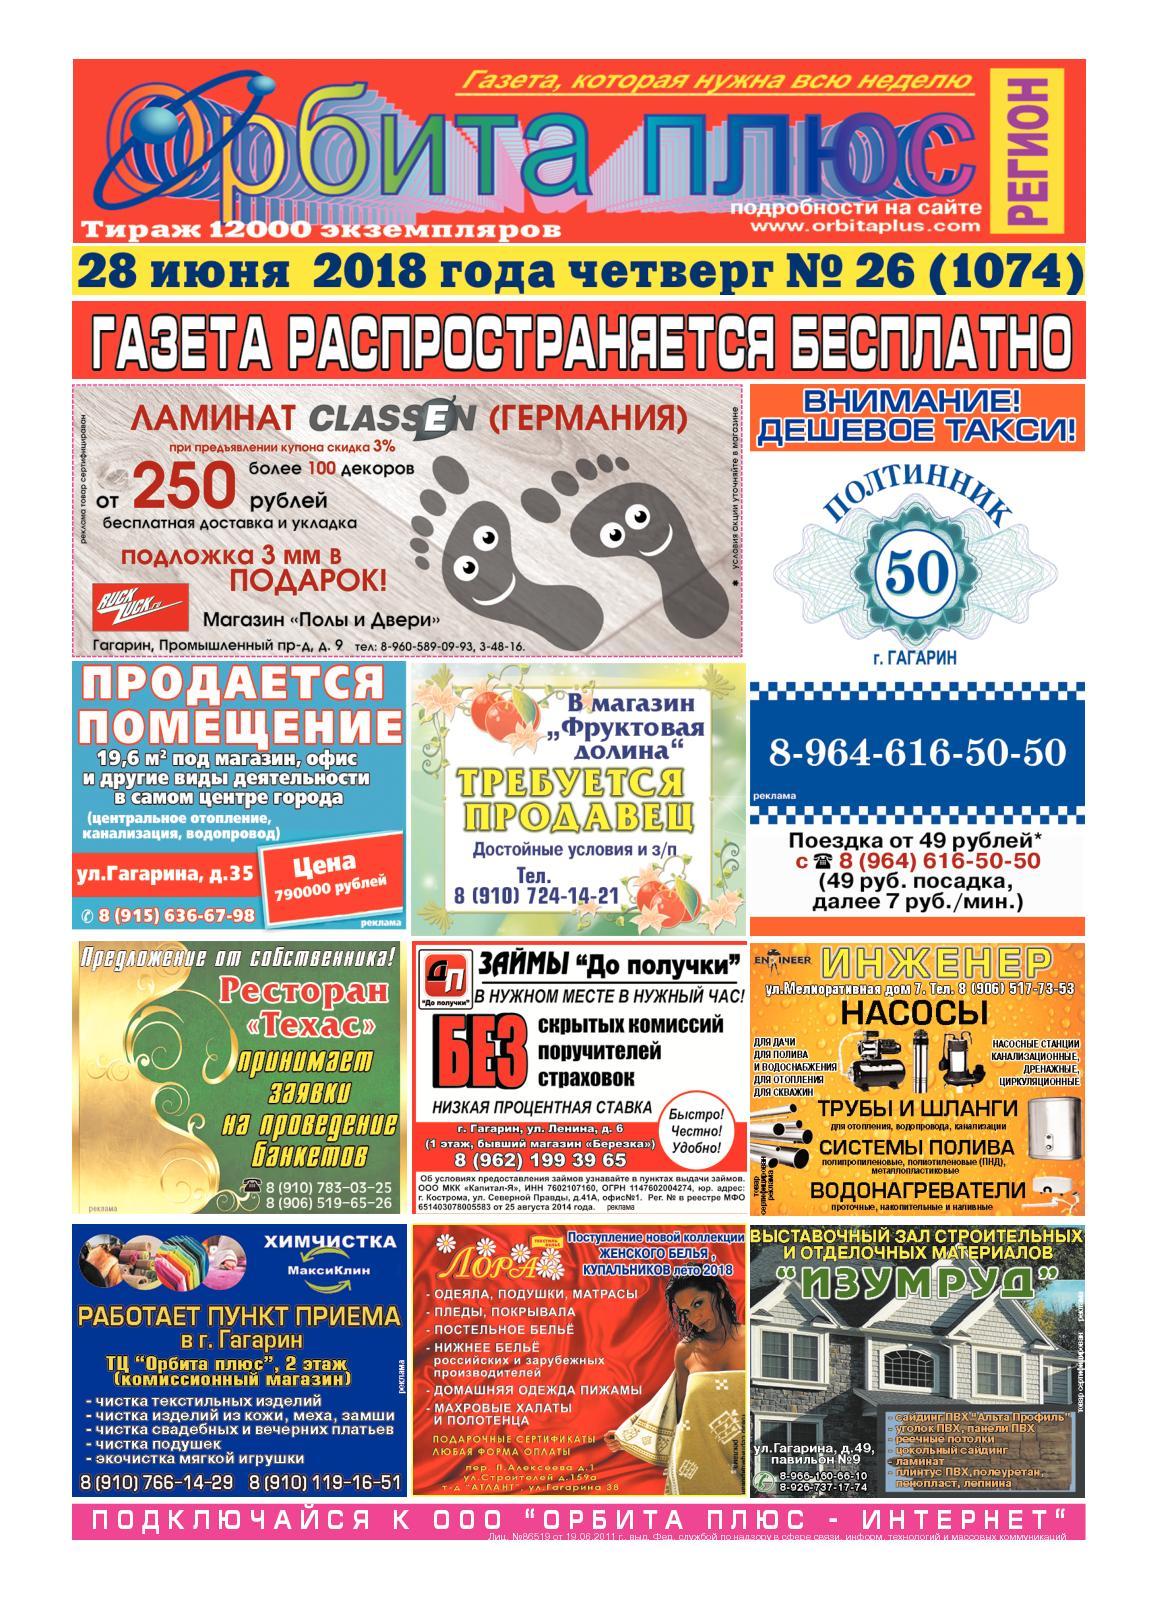 Чеки для налоговой Крамского улица документы для кредита в москве Красного Маяка улица